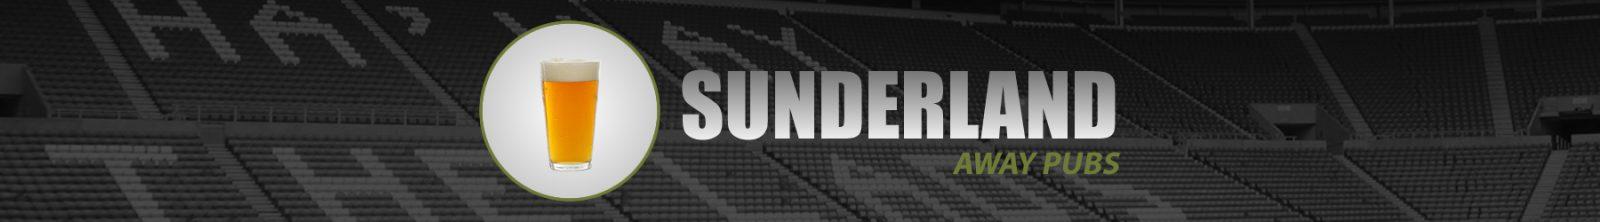 Sunderland Away Pubs